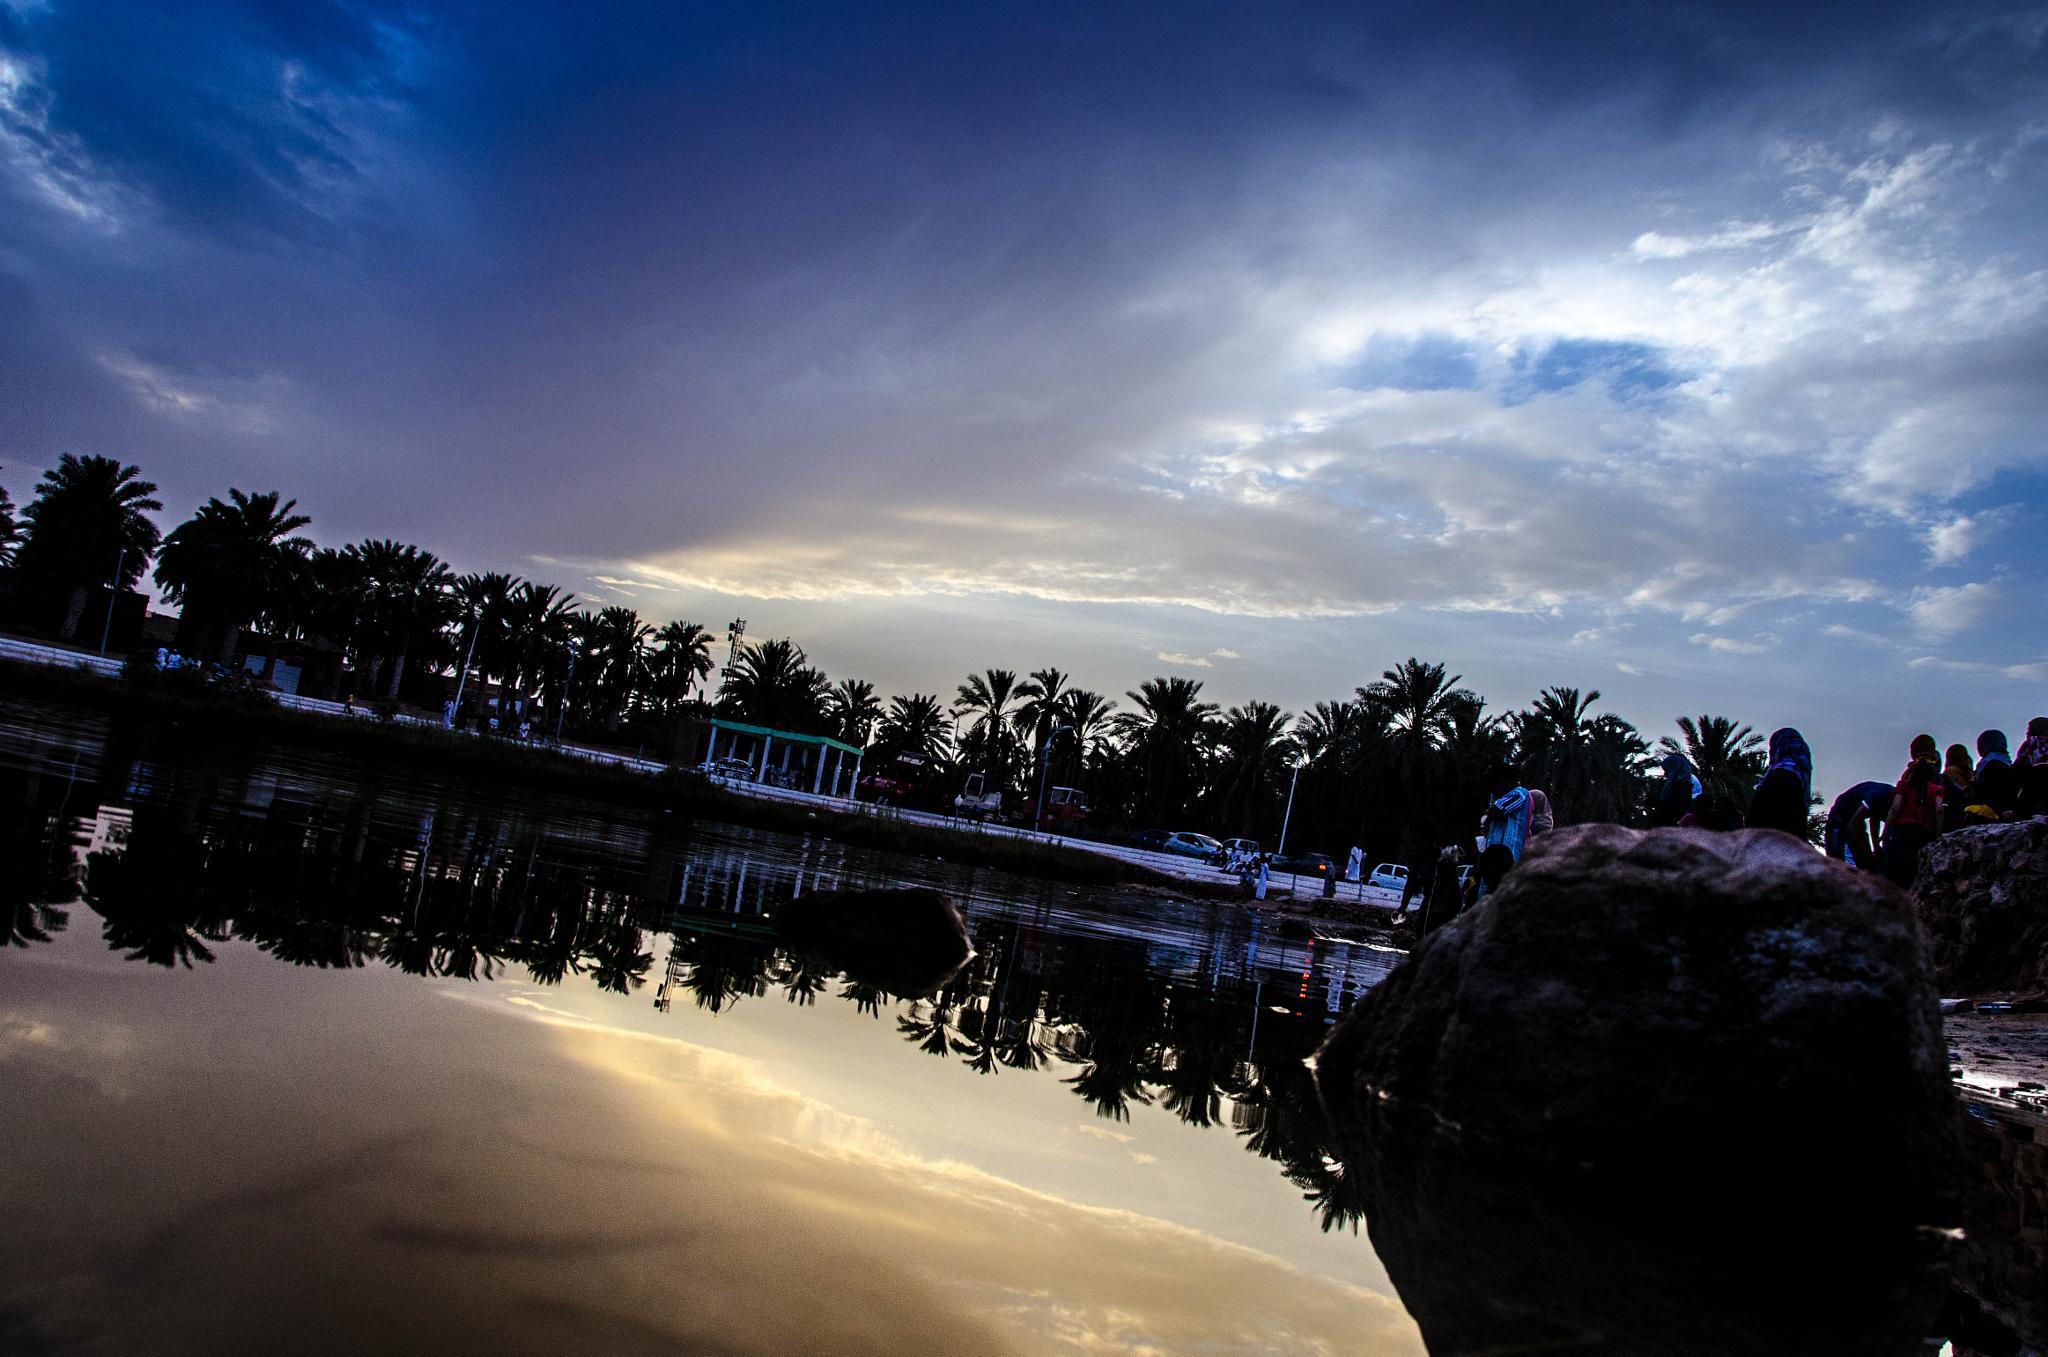 landscape by ziadem2